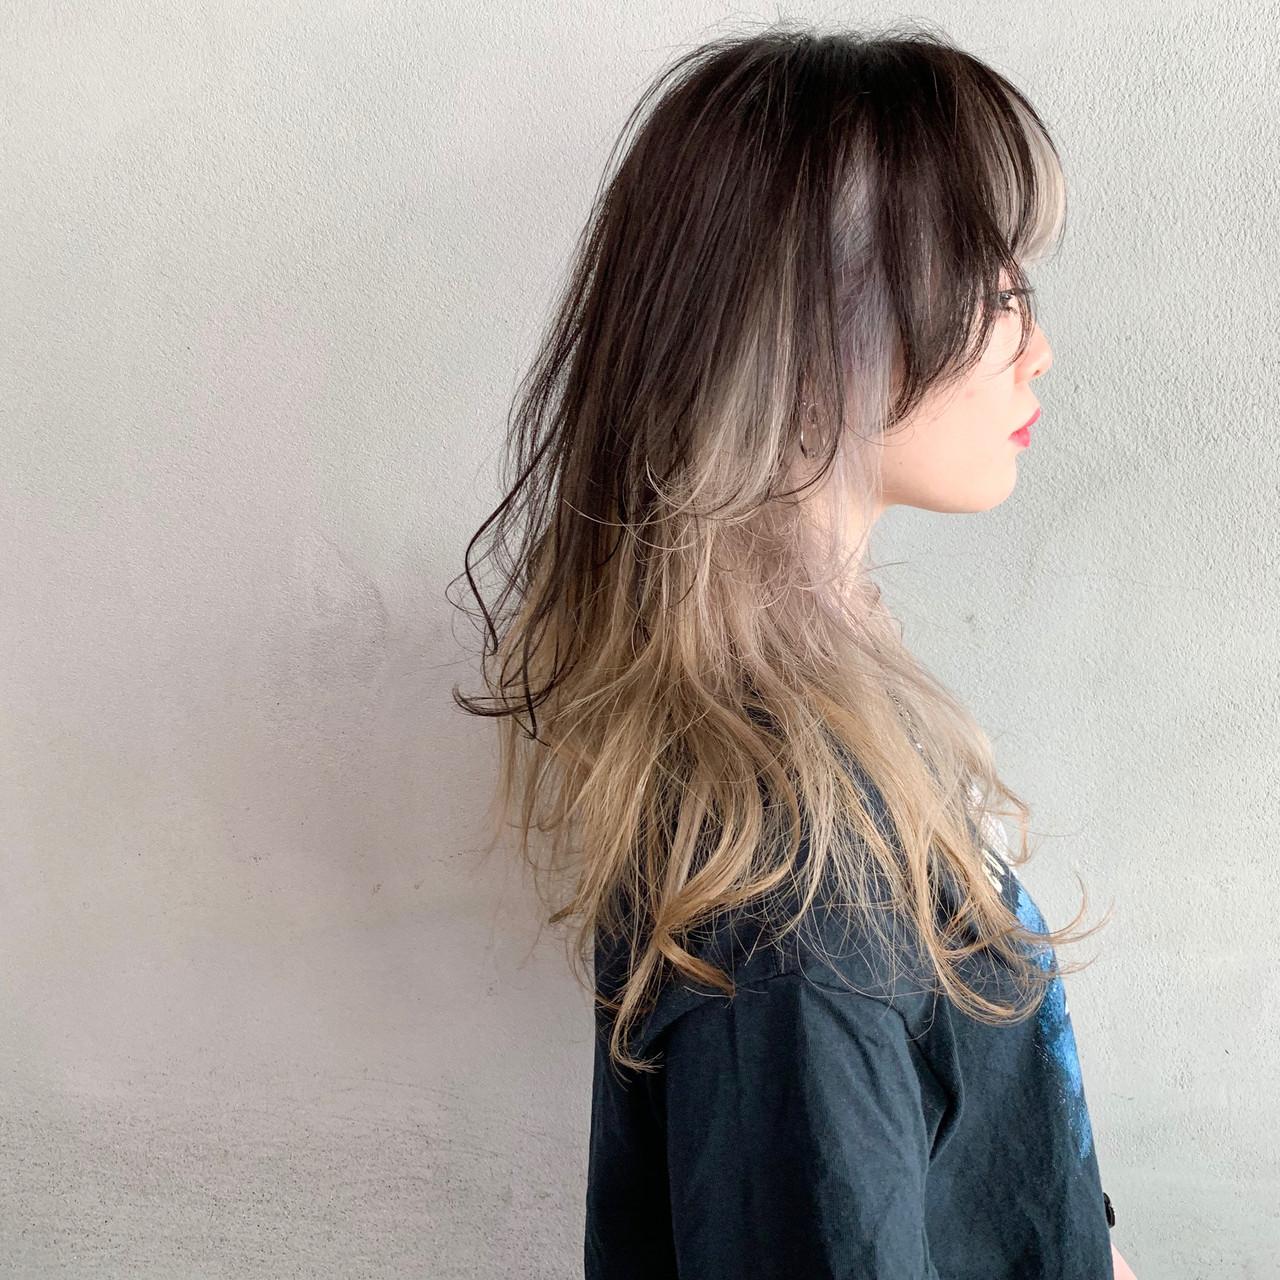 セミロング ウルフレイヤー モード ウルフ女子 ヘアスタイルや髪型の写真・画像